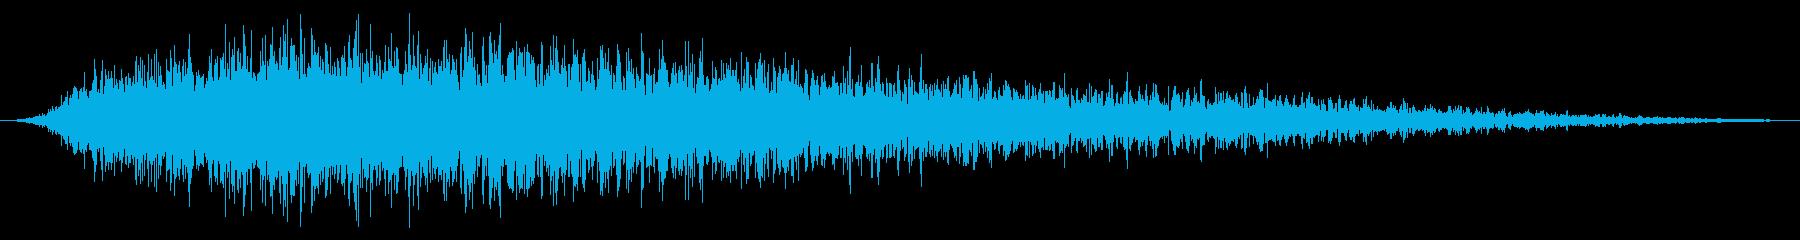 長いメタリックスペースウォッシュま...の再生済みの波形